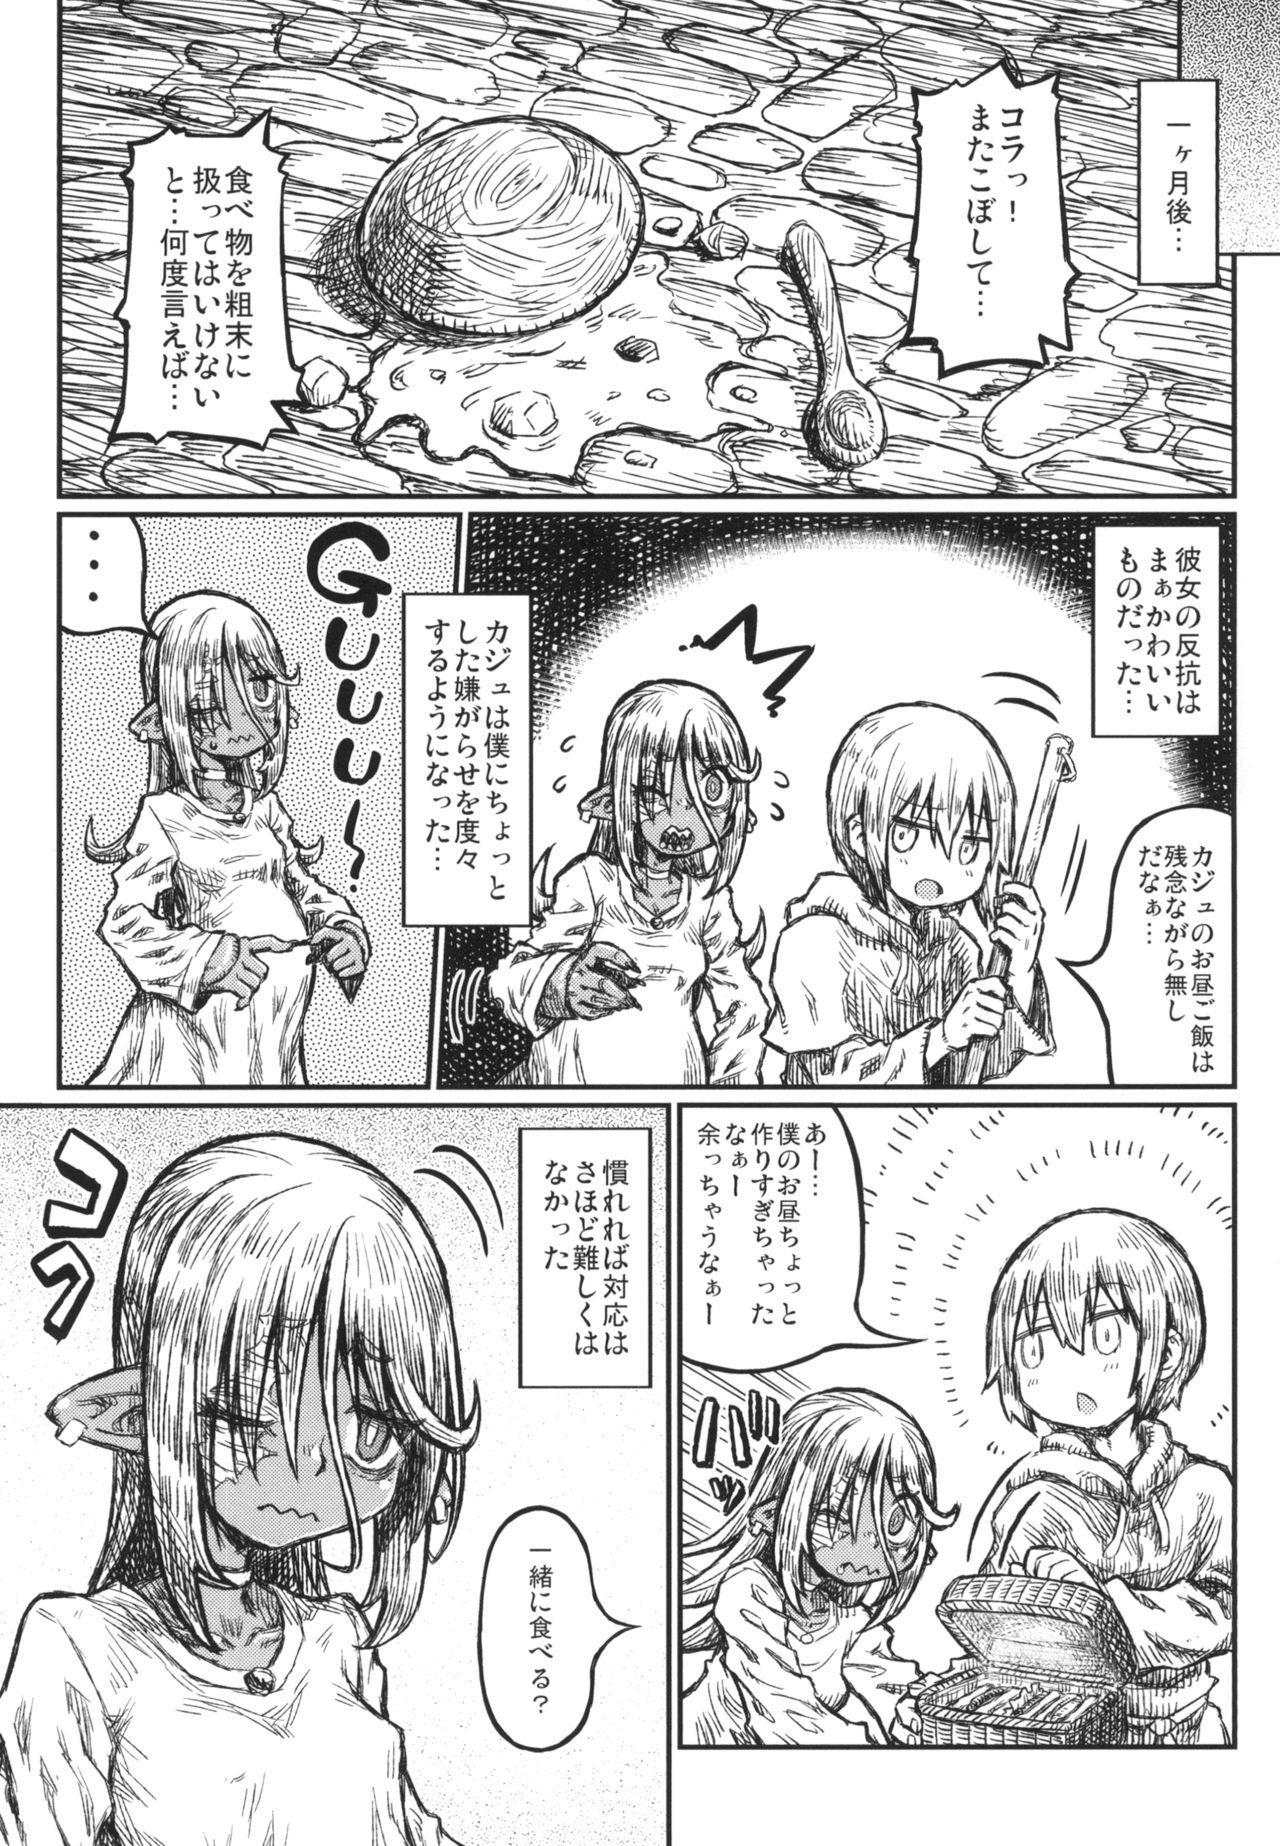 Adabana no koi 18